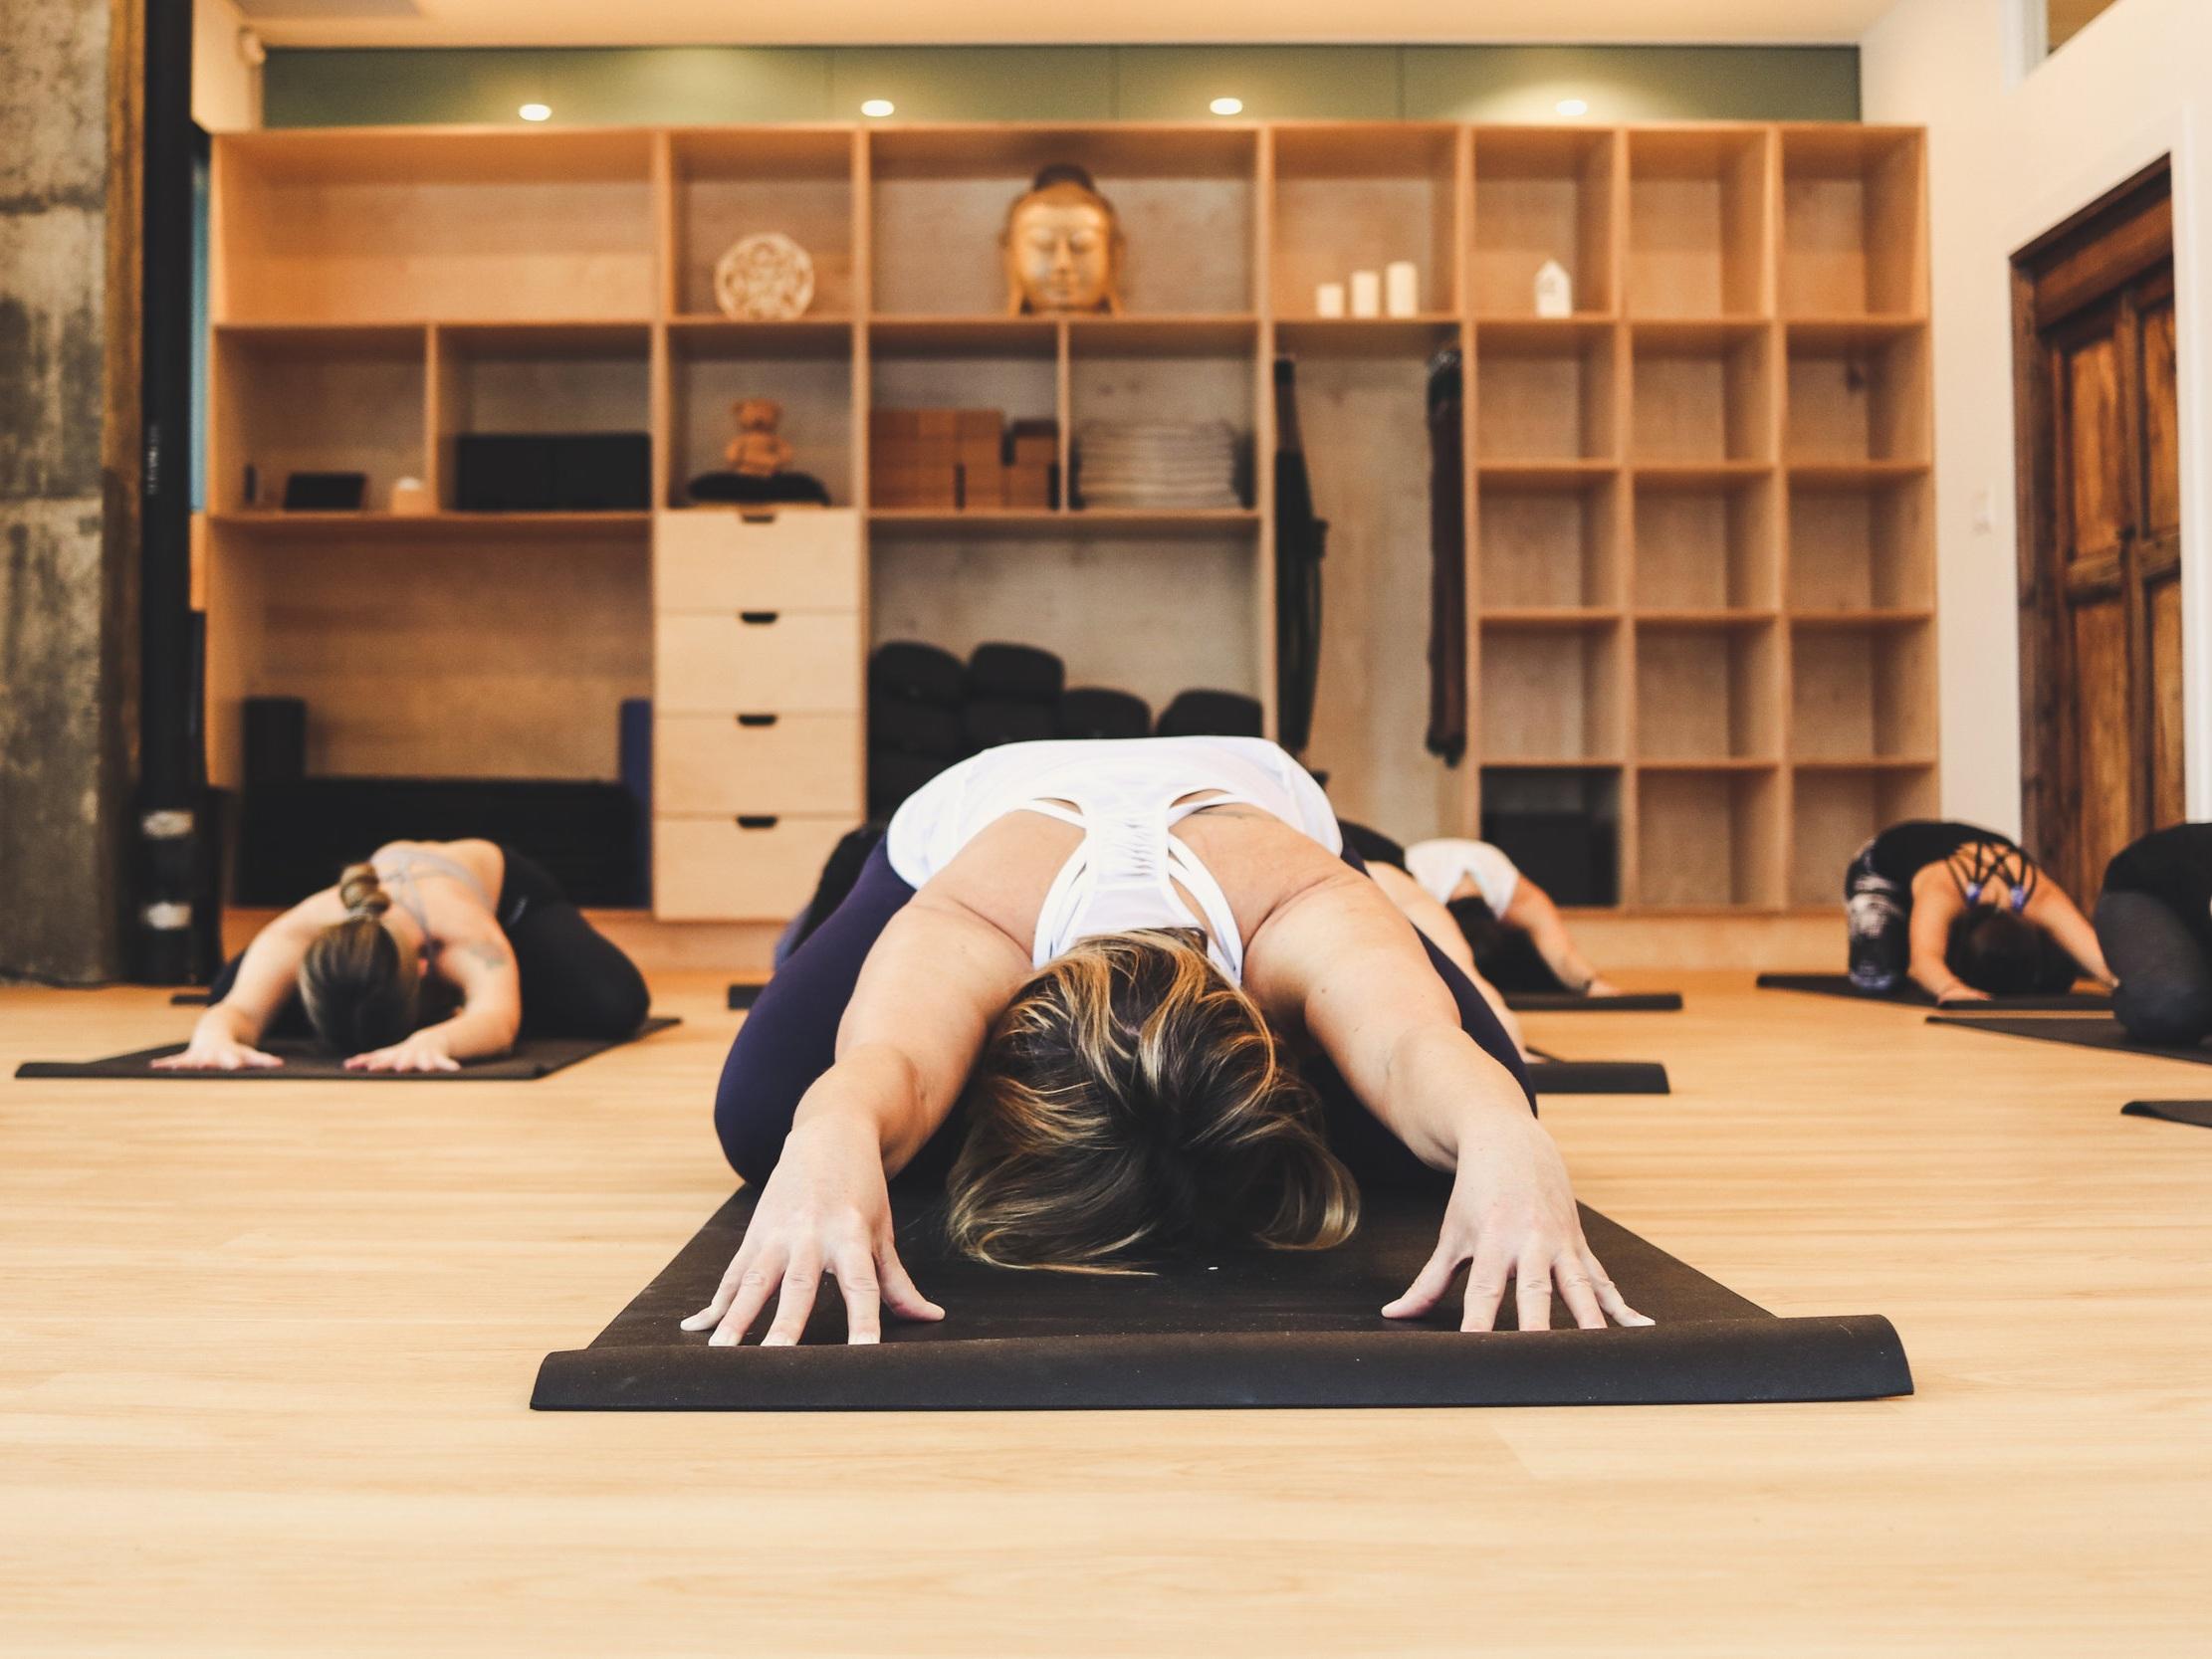 YOGA RESTORATIF - Ce cours a pour objectif de vous ralentir et de créer plus d'ouverture dans votre corps avec des étirements passifs. Pendant les longes poses que requiert le yoga réparateur, vos muscles peuvent se détendent profondément. C'est une relaxation comme nulle autre, car on utilise des accessoires, plutôt que vos muscles, pour soutenir votre corps.